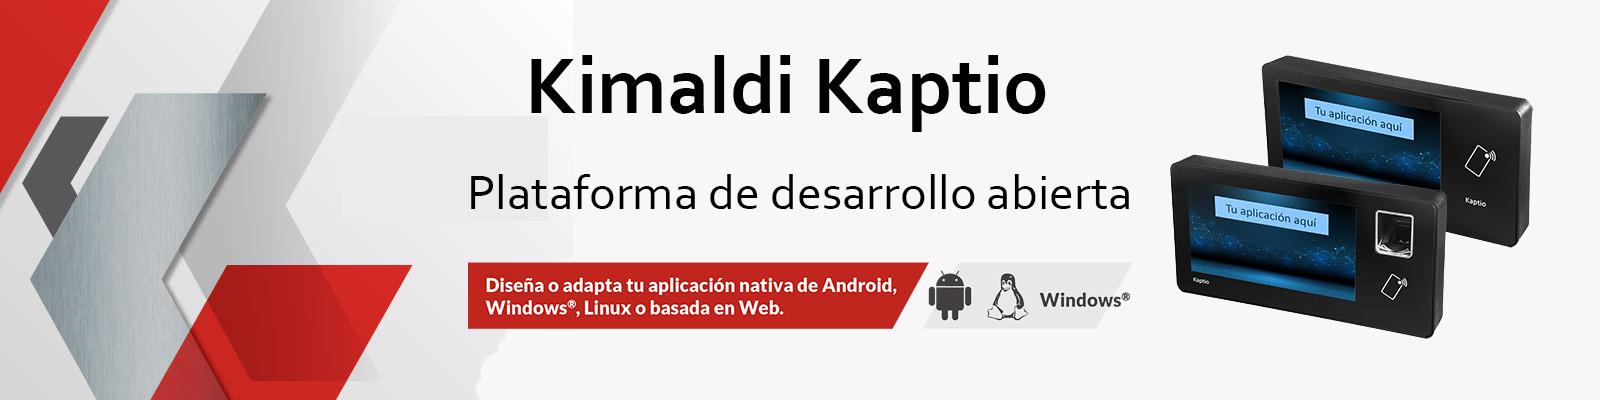 Kimaldi Kaptio - Plataforma de desarrollo abierta